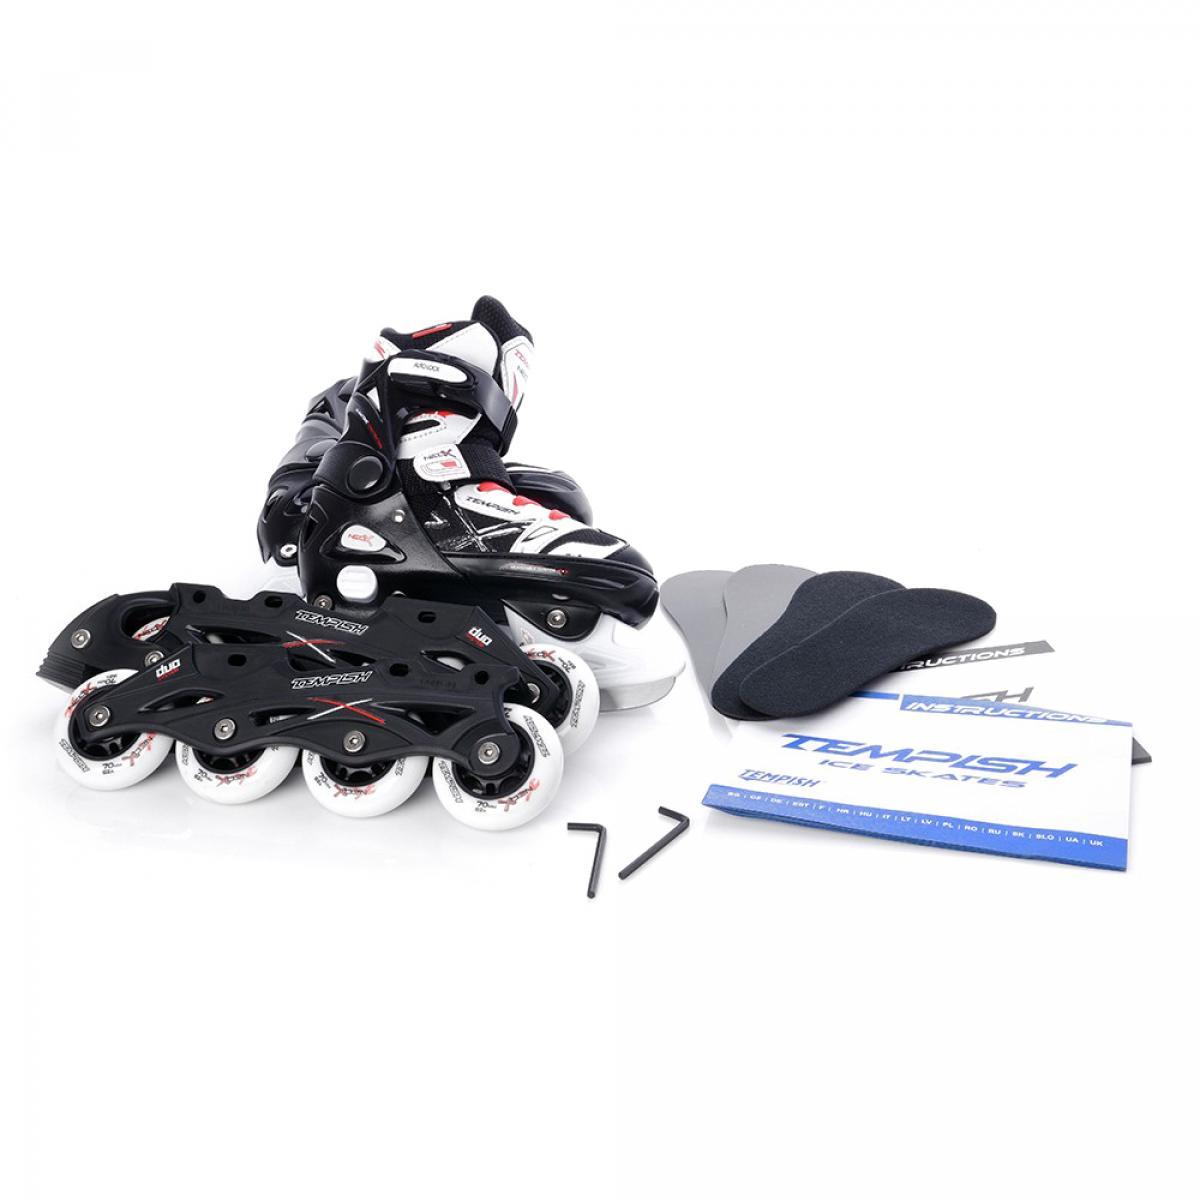 c69bccd0916a0d Роликовые-ледовые коньки Neo-x Duo, размер 29-32, S, черно-белые ...